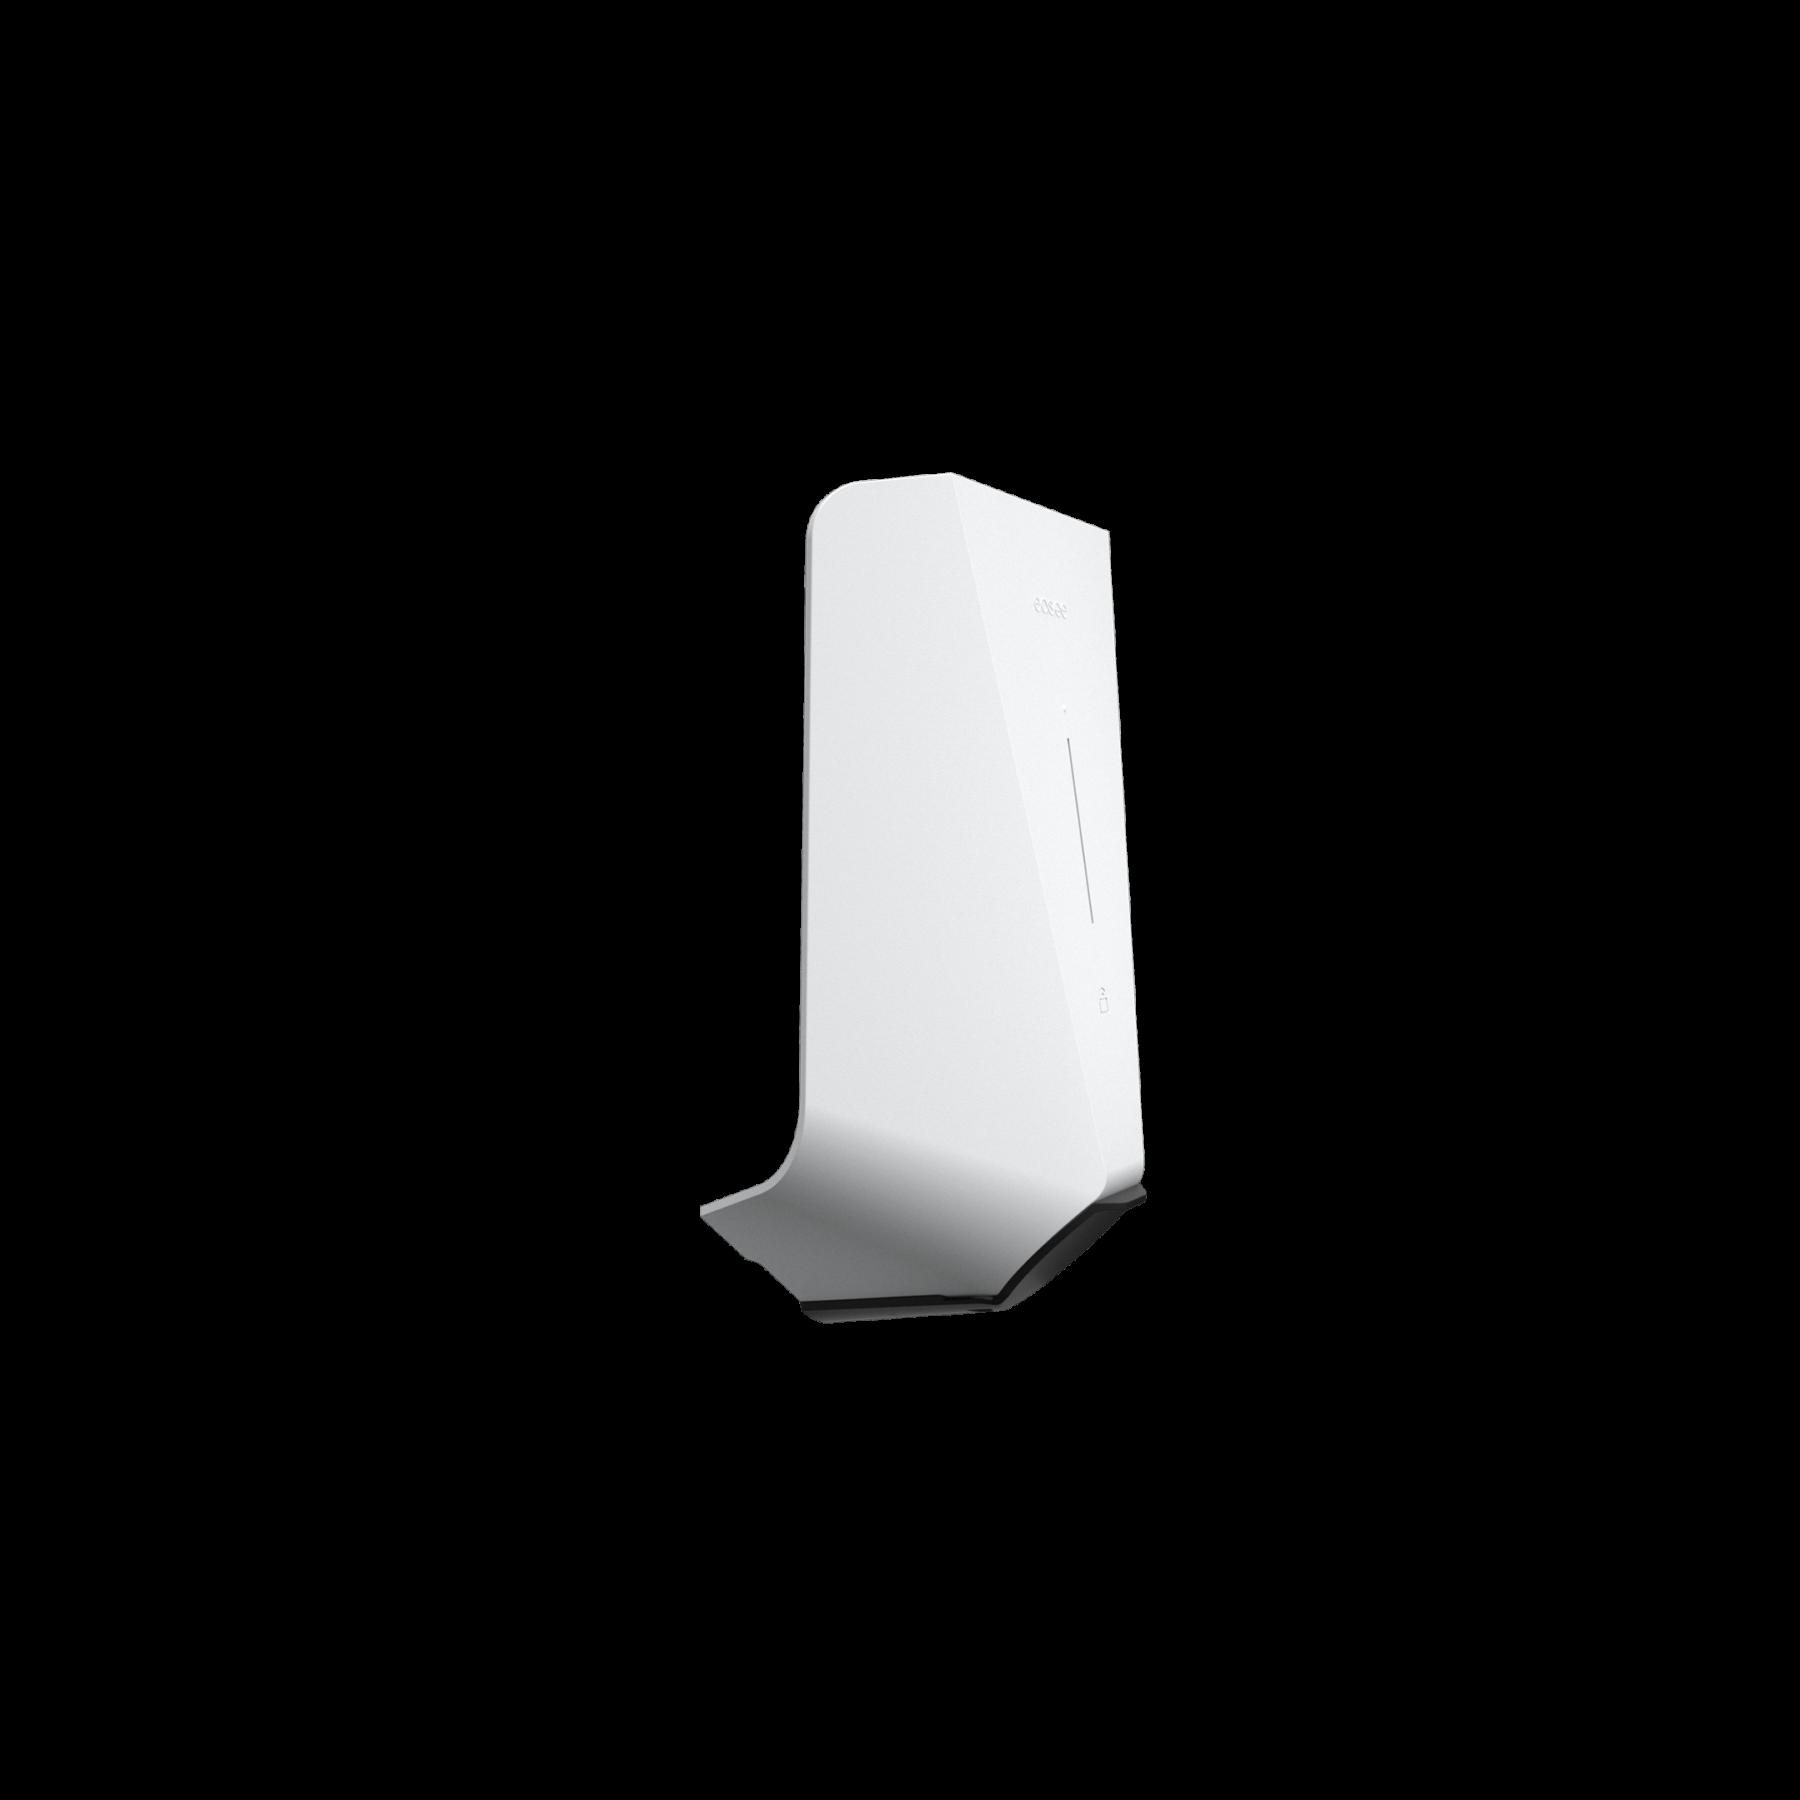 Carcasa blanca lateral Easee